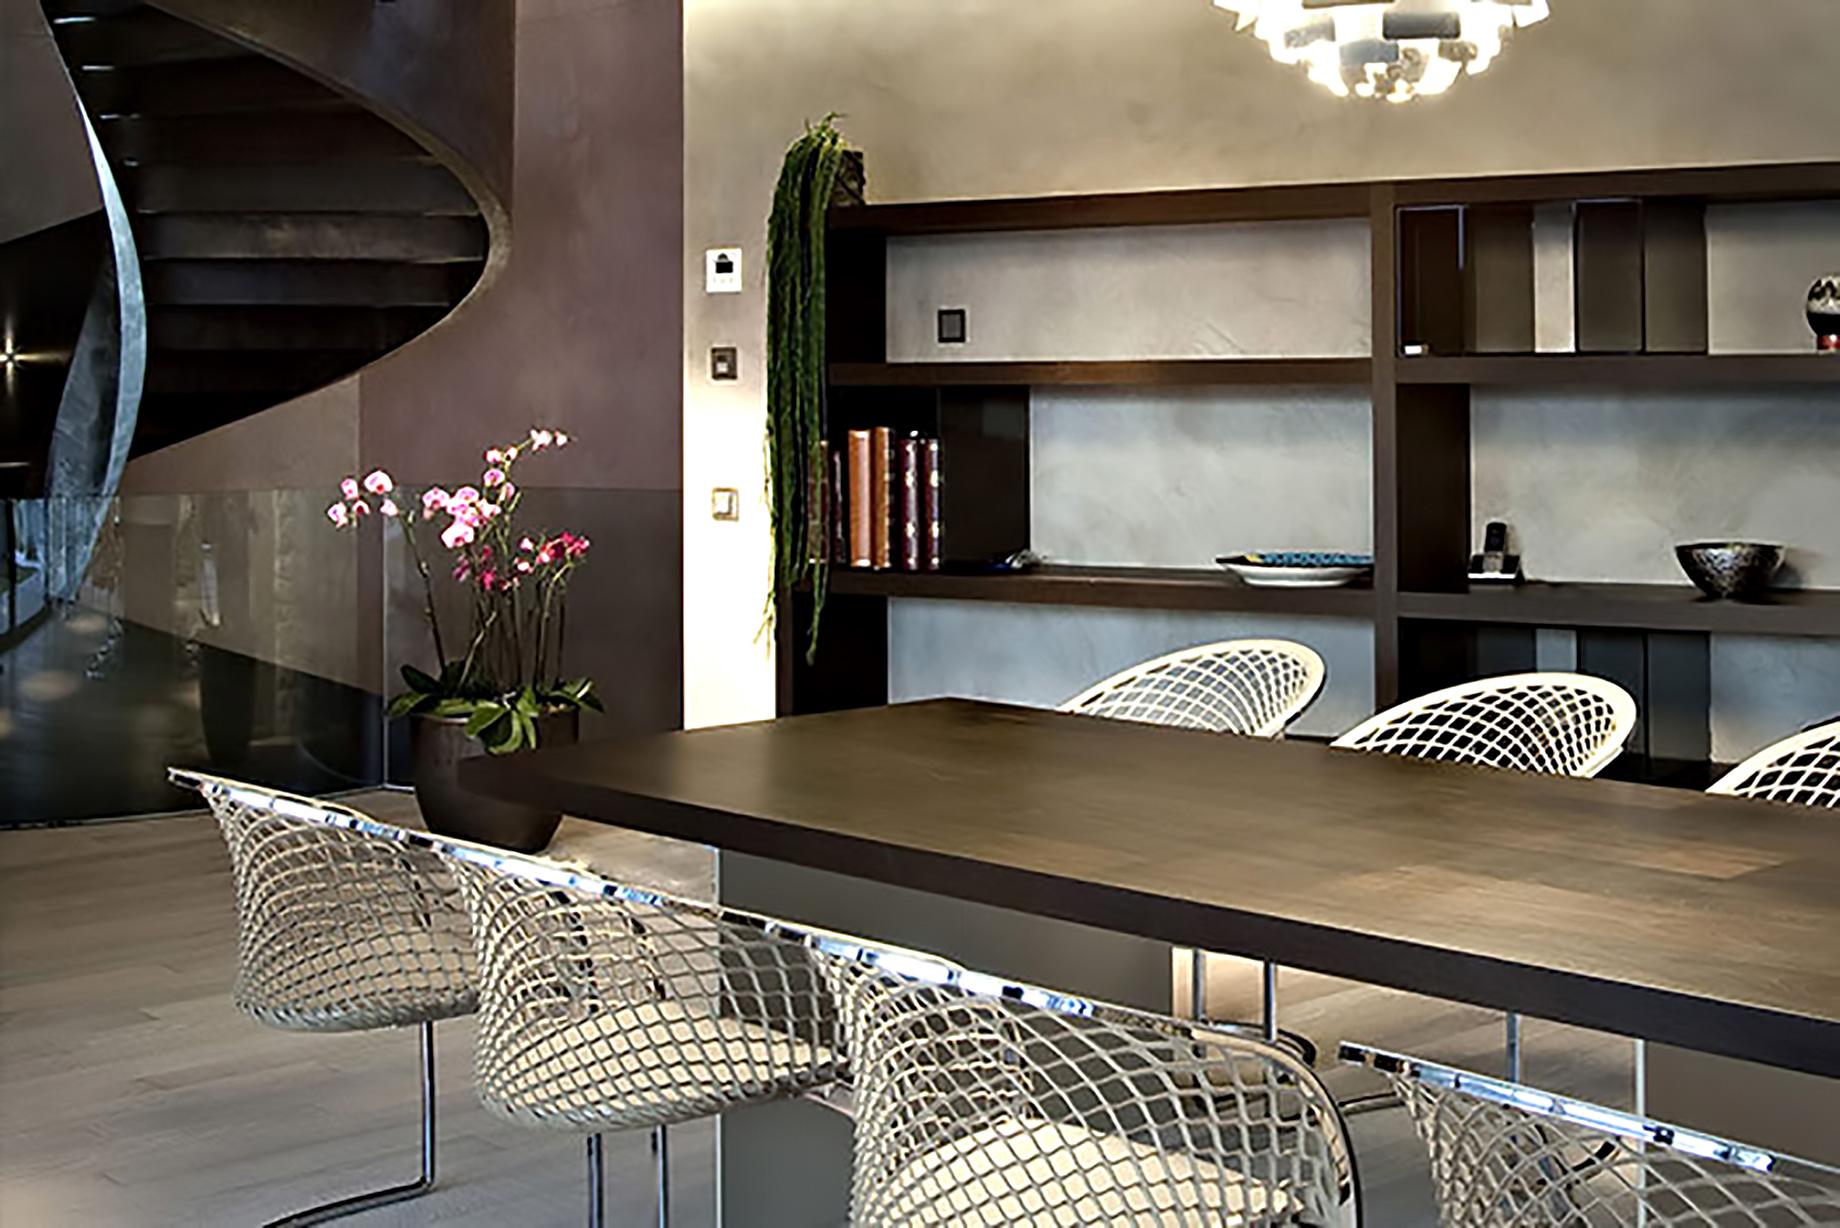 Villa Carona Luxury Residence – Lugano, Switzerland